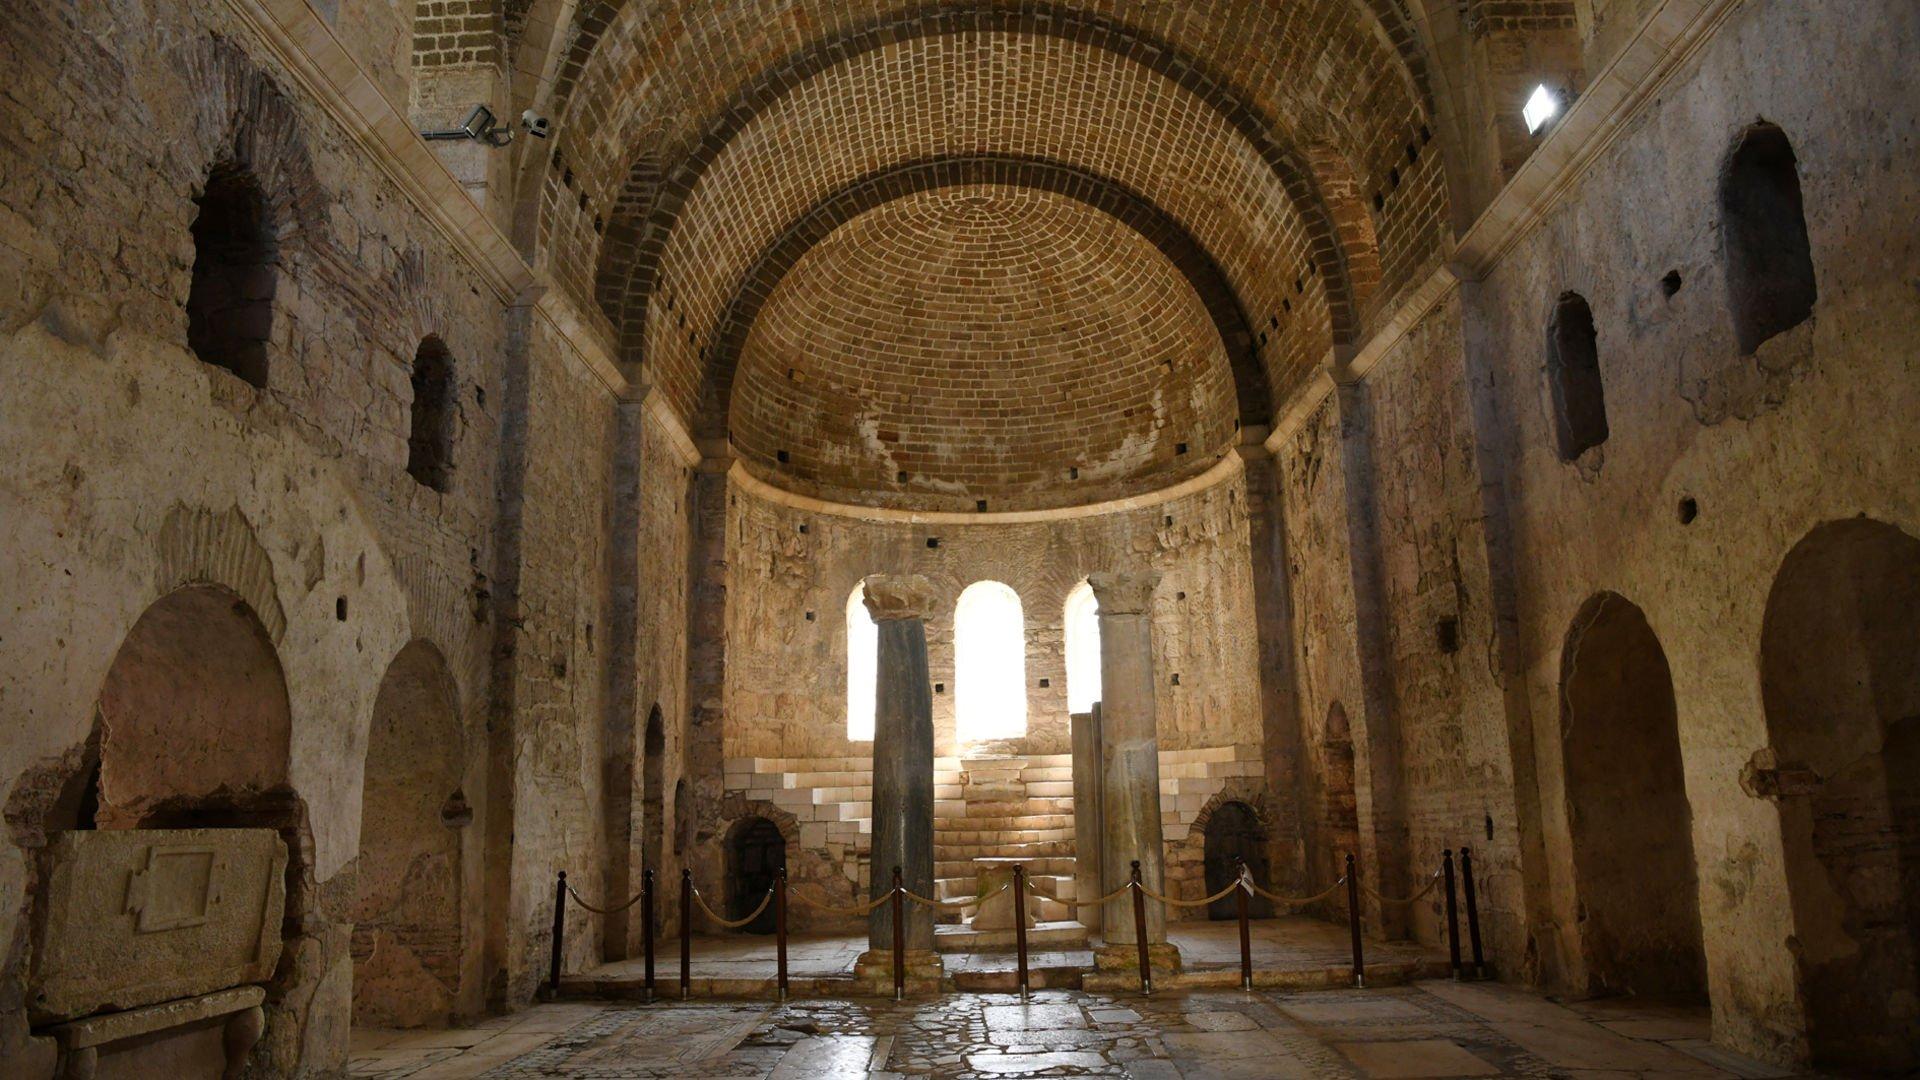 Kültürel ve doğal miraslarımız XL (St. Nicholas Kilisesi)